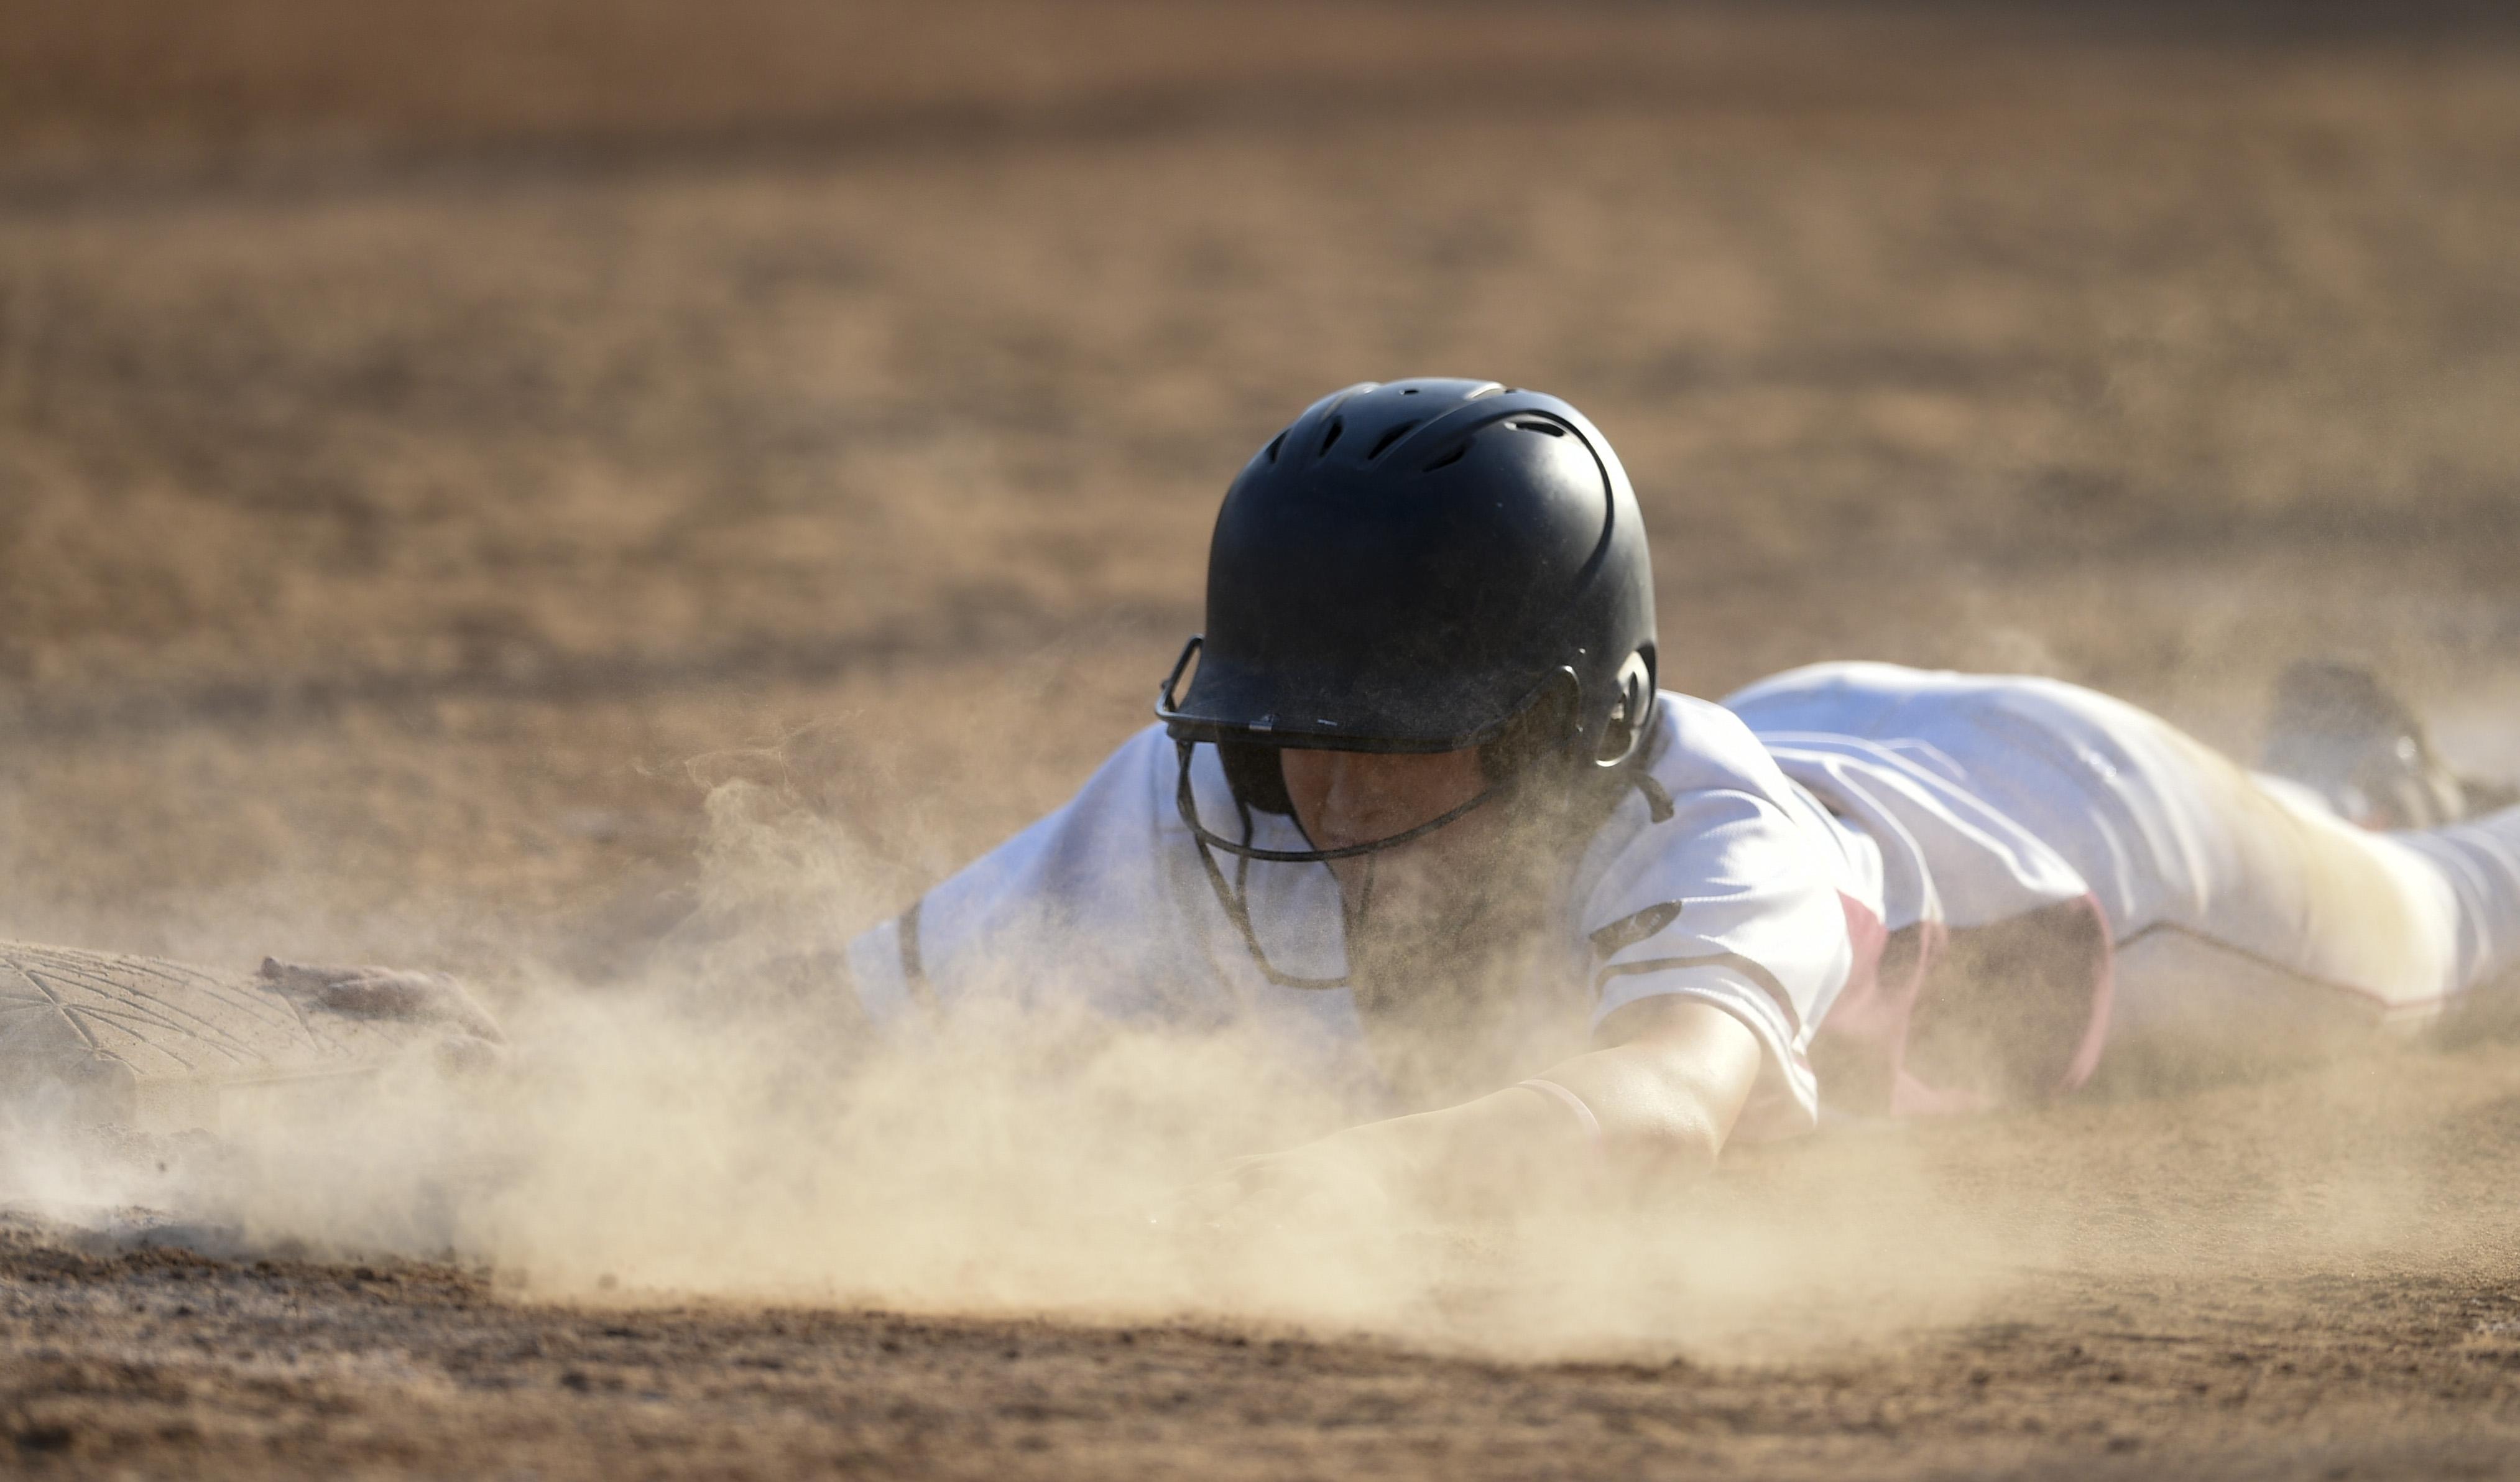 Softball nachrichten - NewsLocker